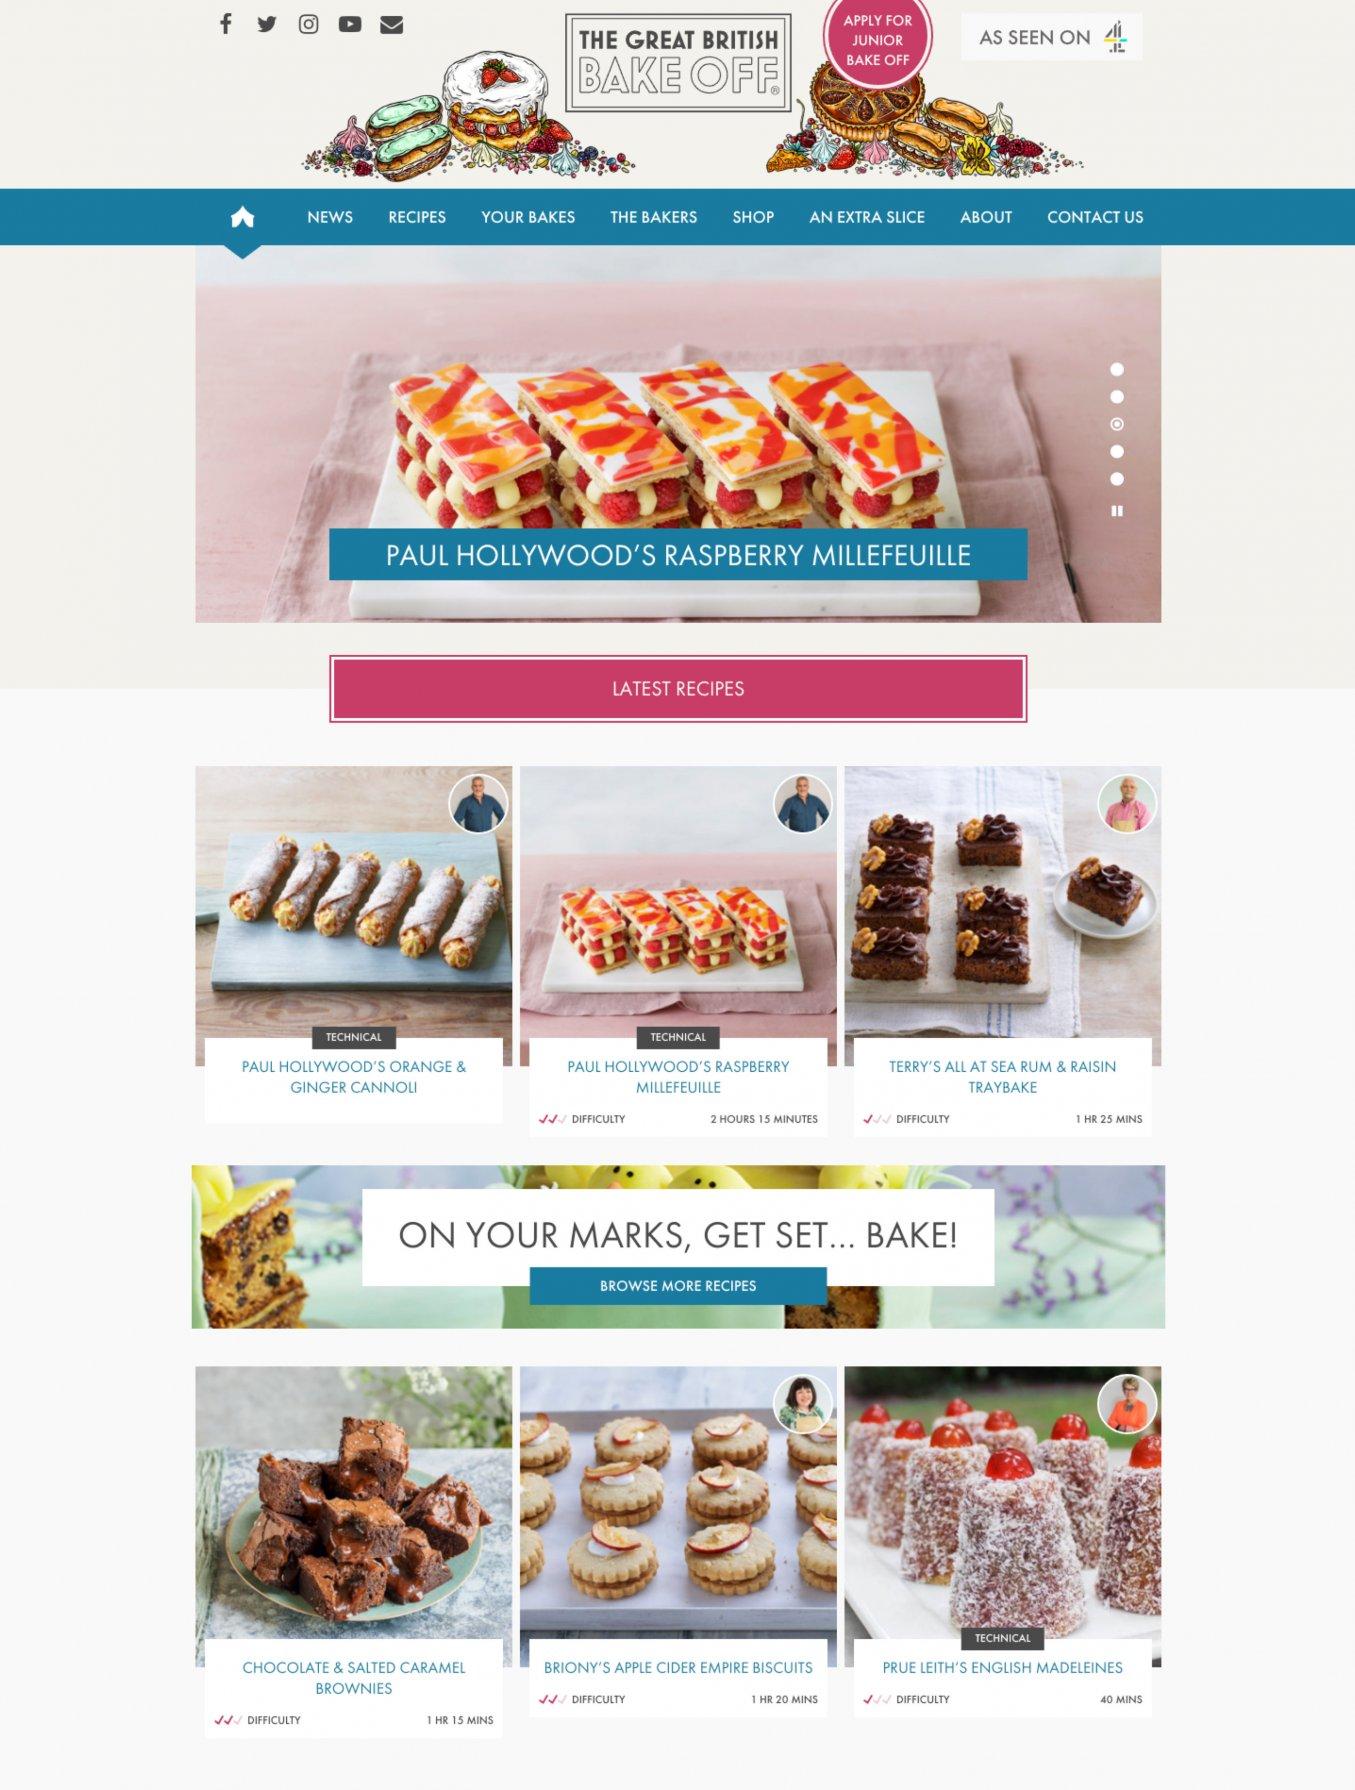 Screengrabs of the GGBO website